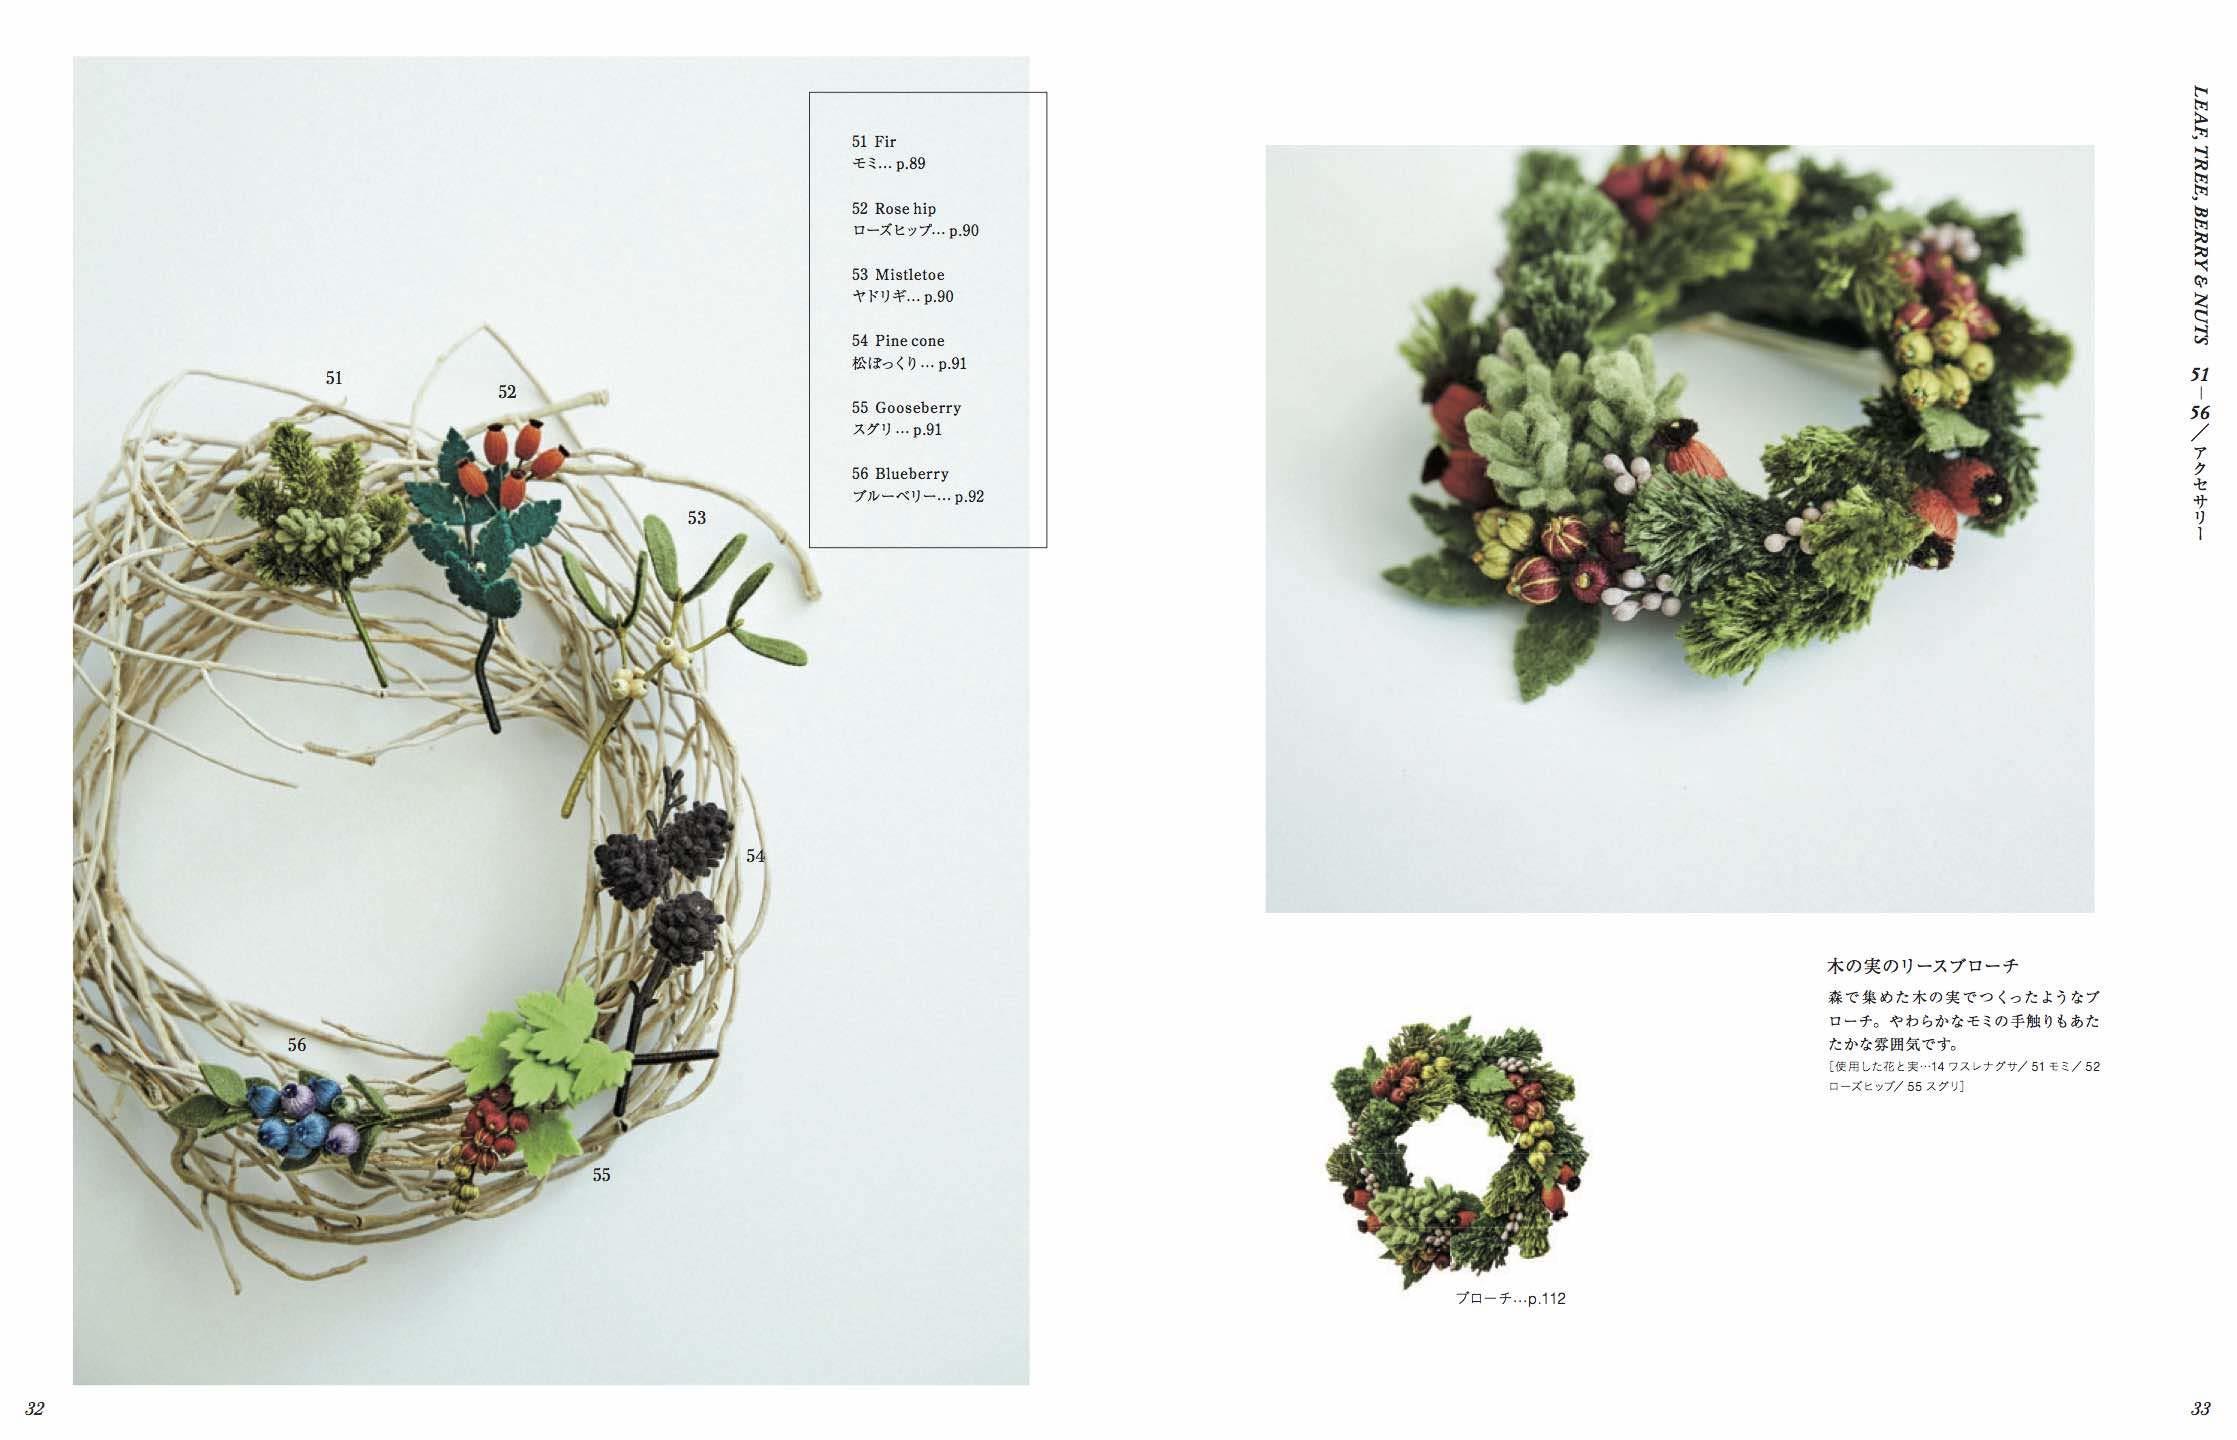 木の実たち「いちばんちいさなフェルトの花アクセサリー」_e0333647_16392367.jpg